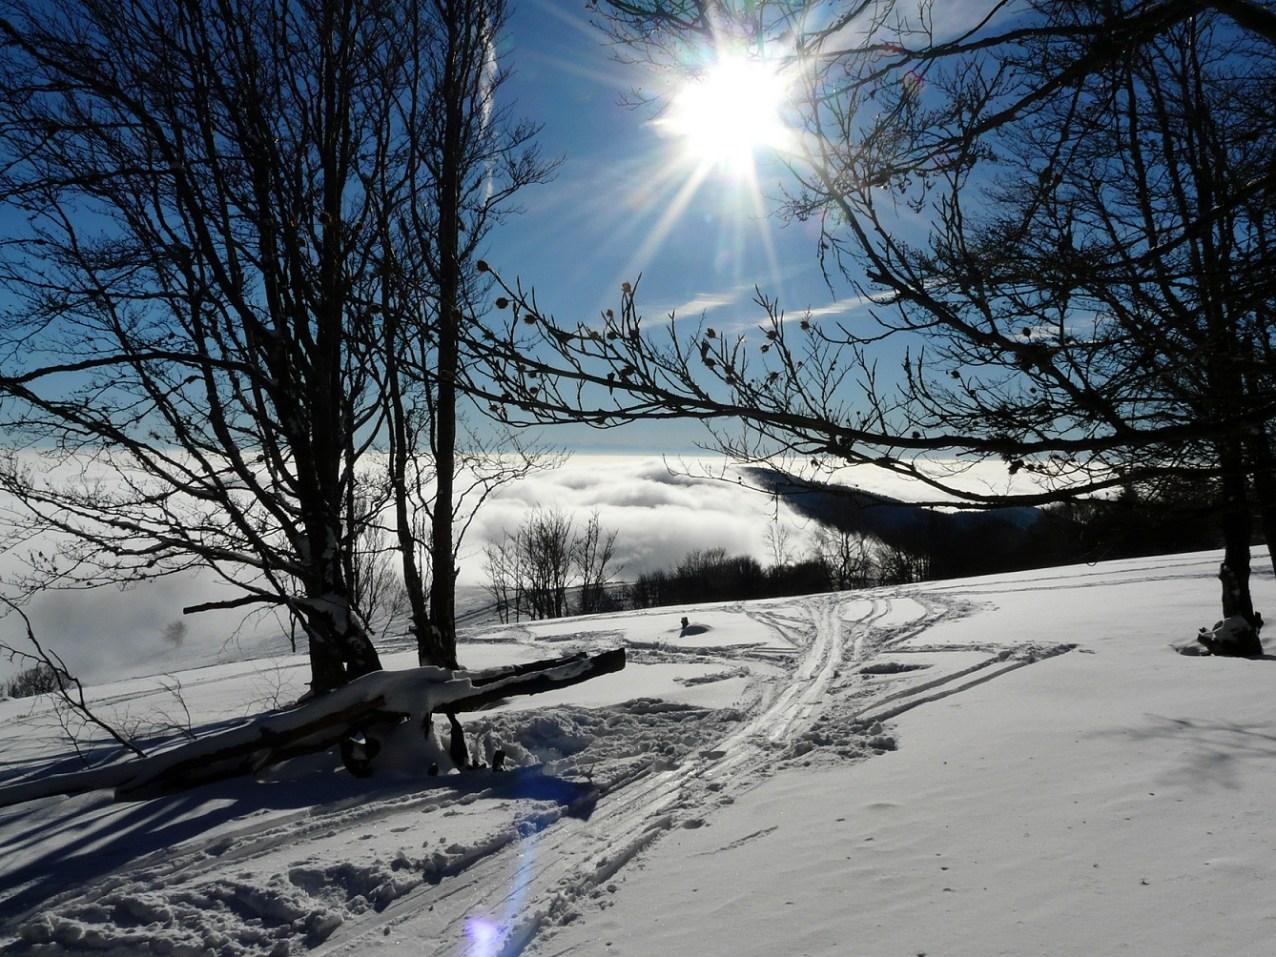 Journée de ski au Grand-Ballon un jour de nouvel an.